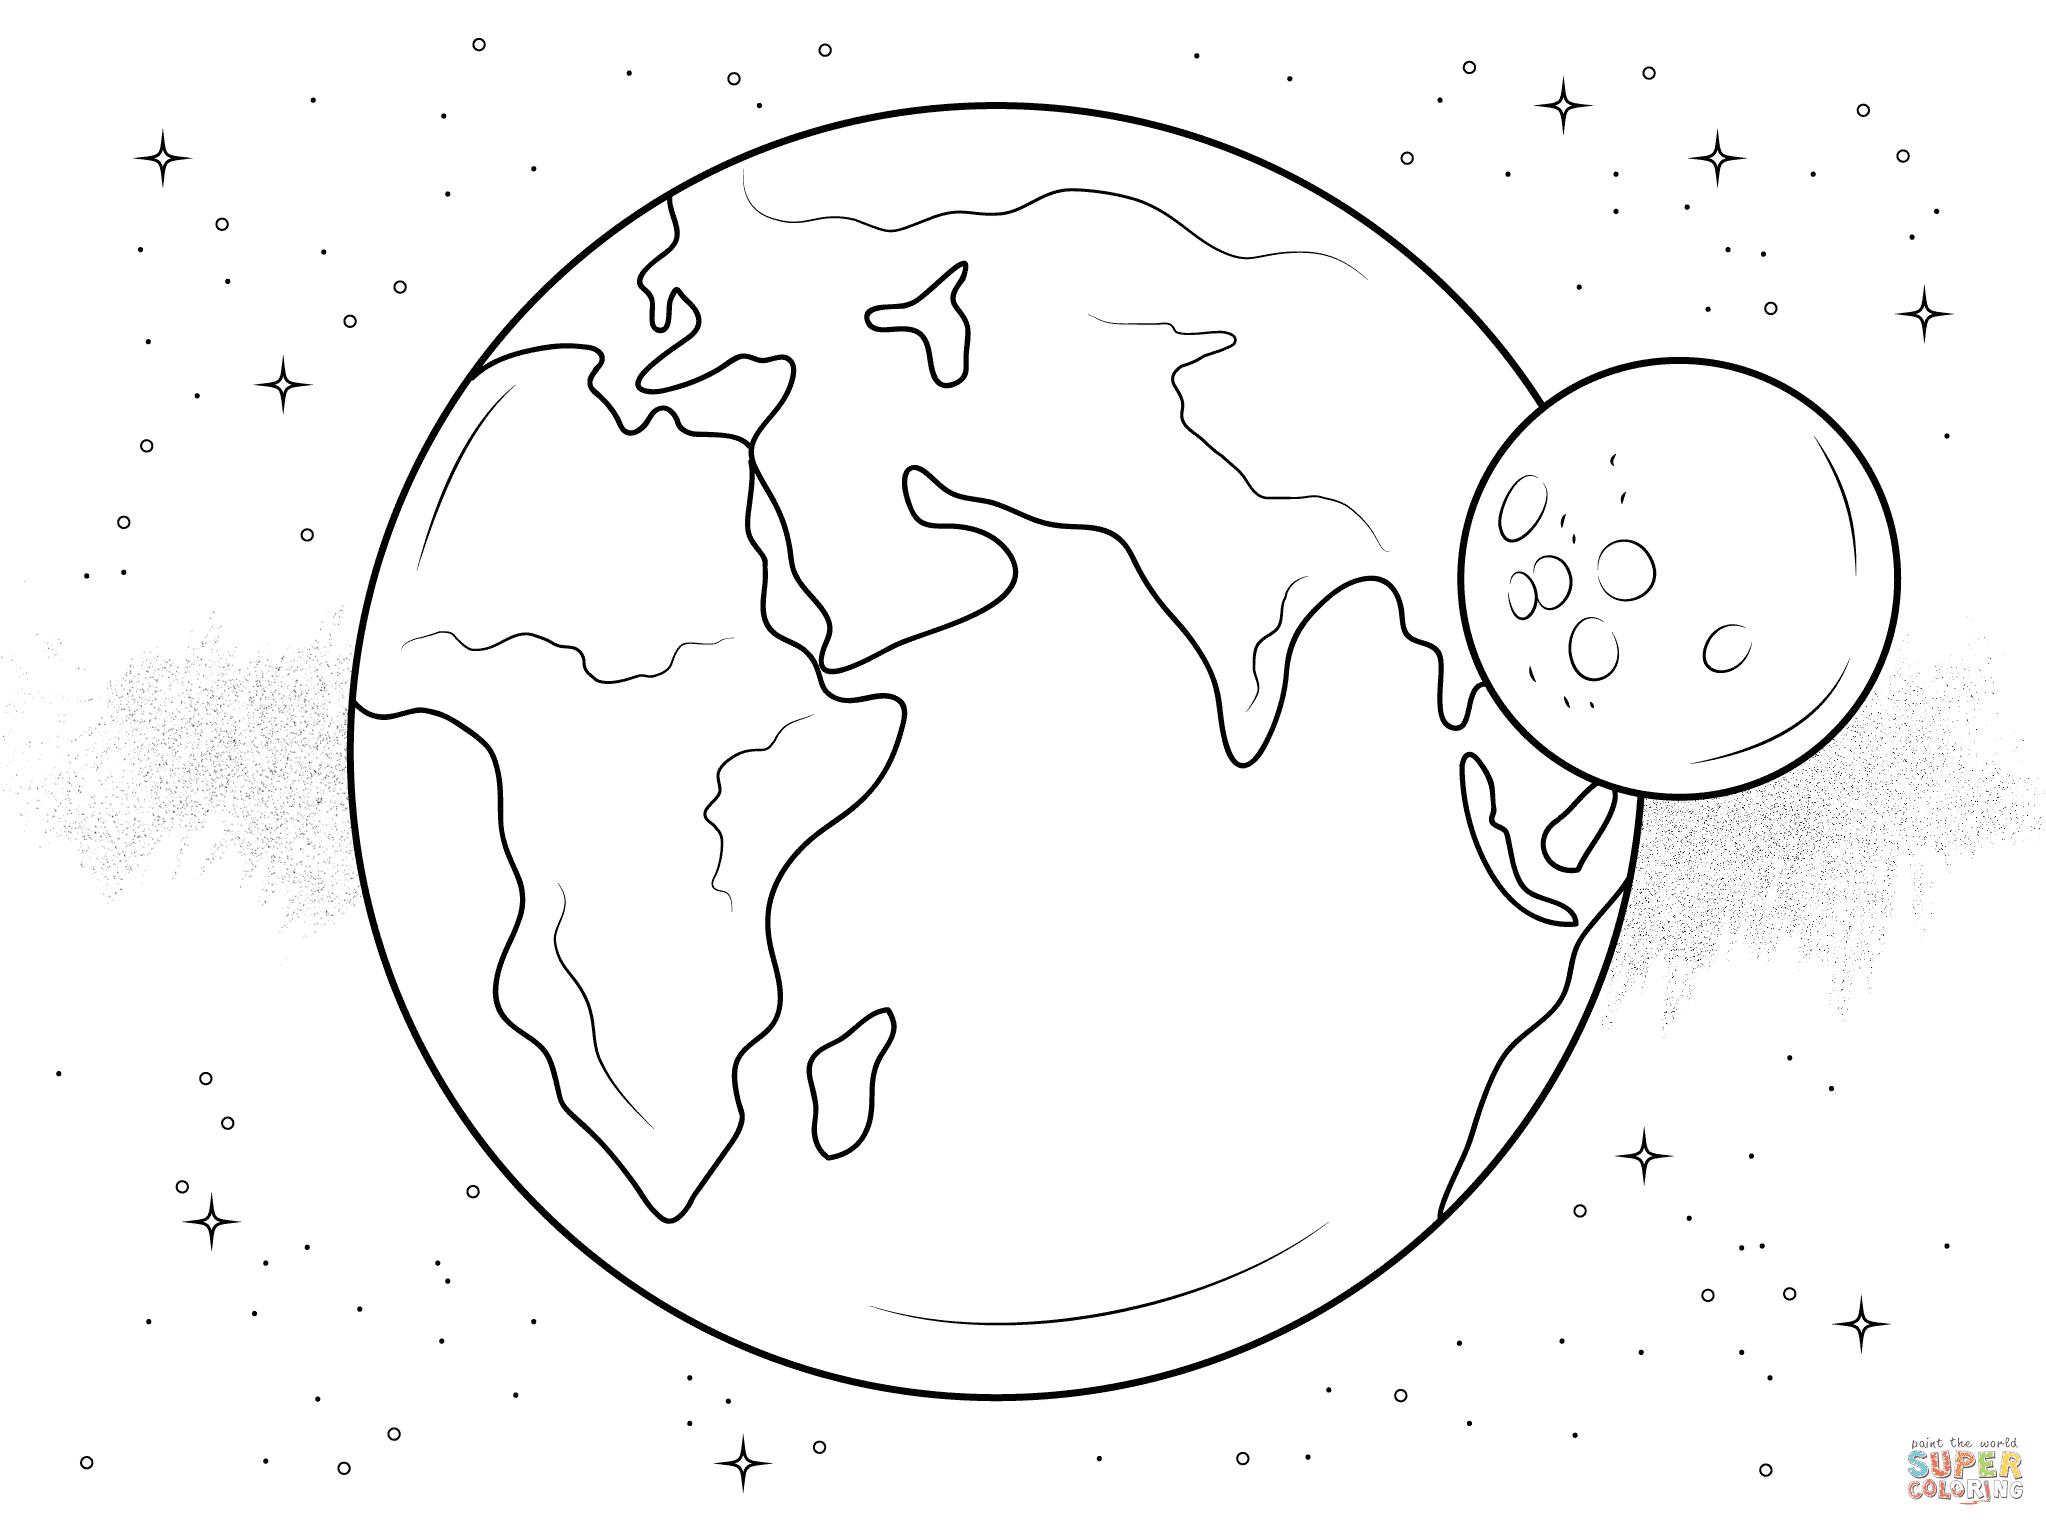 Weltraum Ausmalbilder: 30 + kostenlose Weltraum Malvorlagen